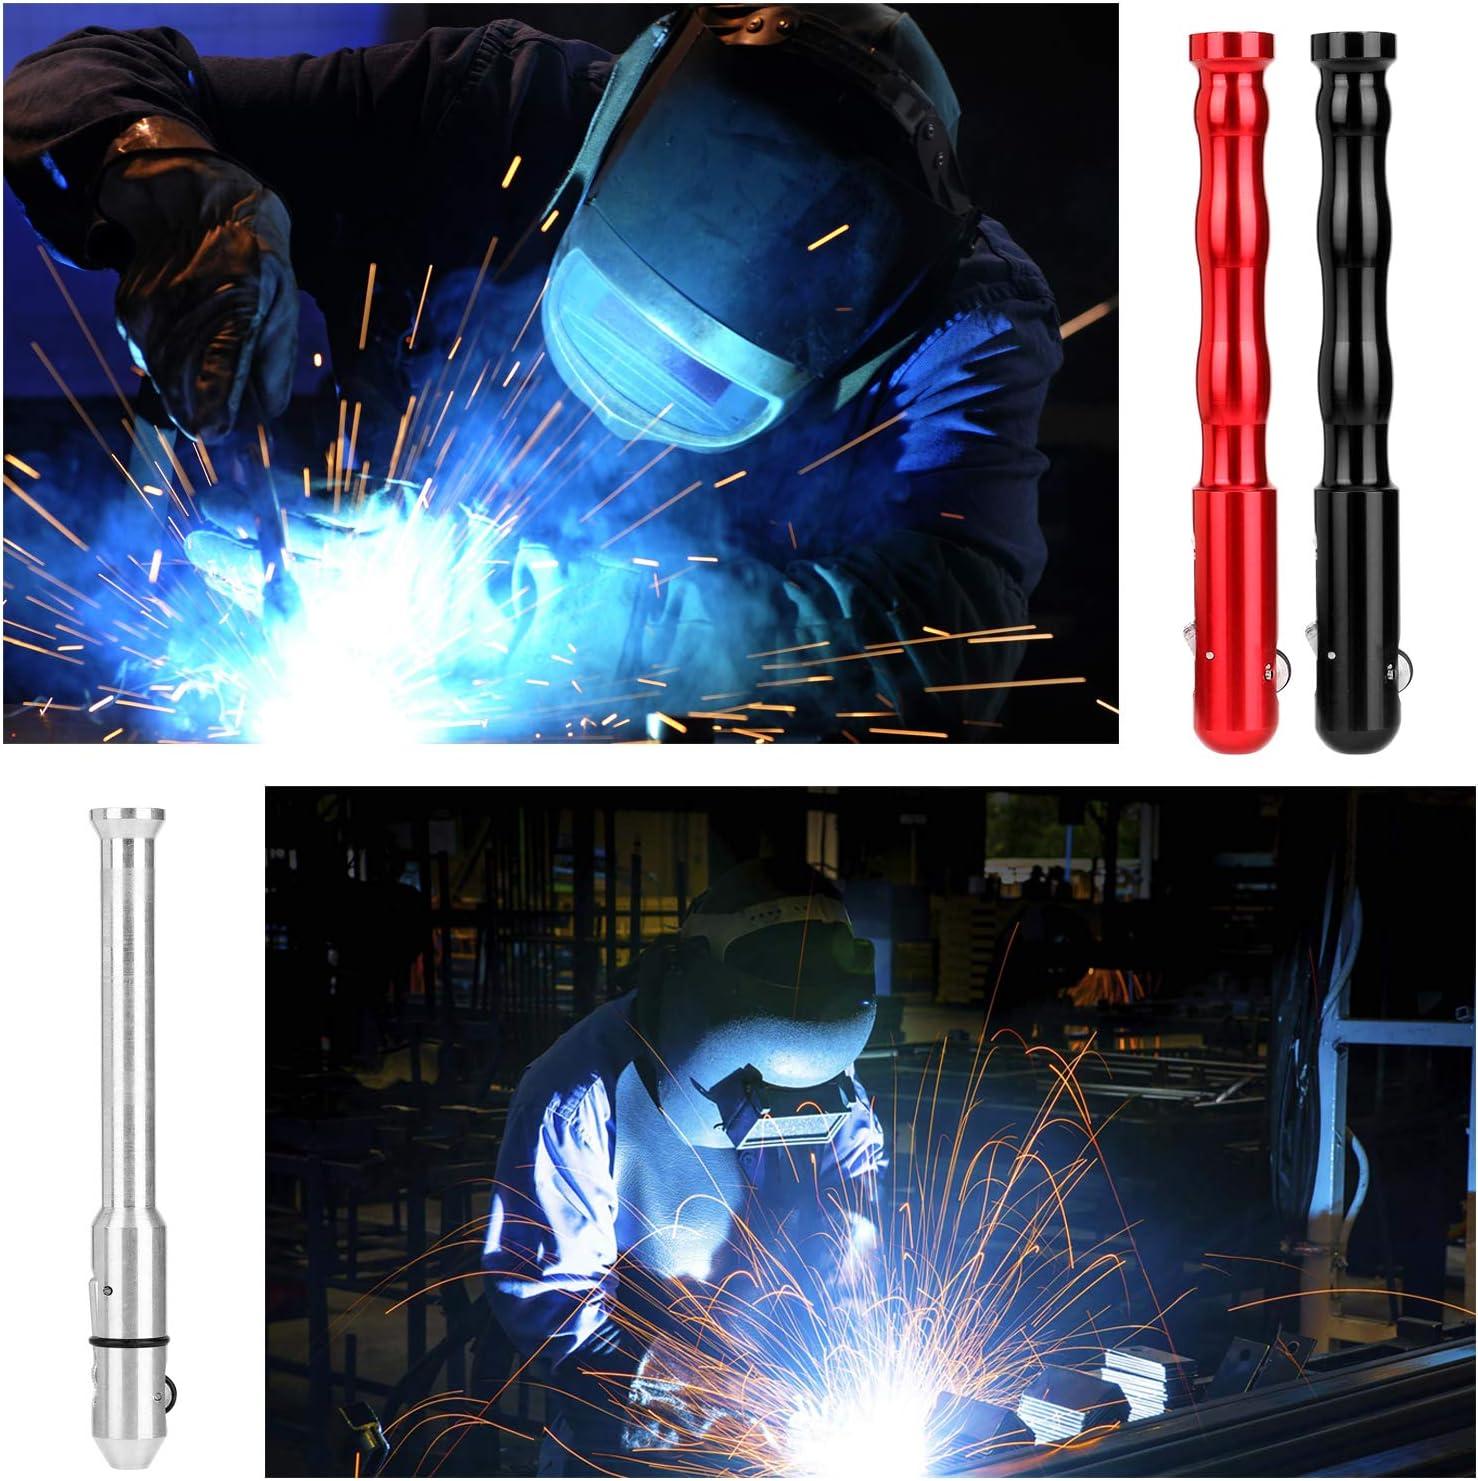 KKmoon Pluma de soldadura Tig Pen,Alimentador de dedo,Soporte de varilla,Pluma de alambre de relleno para cables de 1-3.2 mm